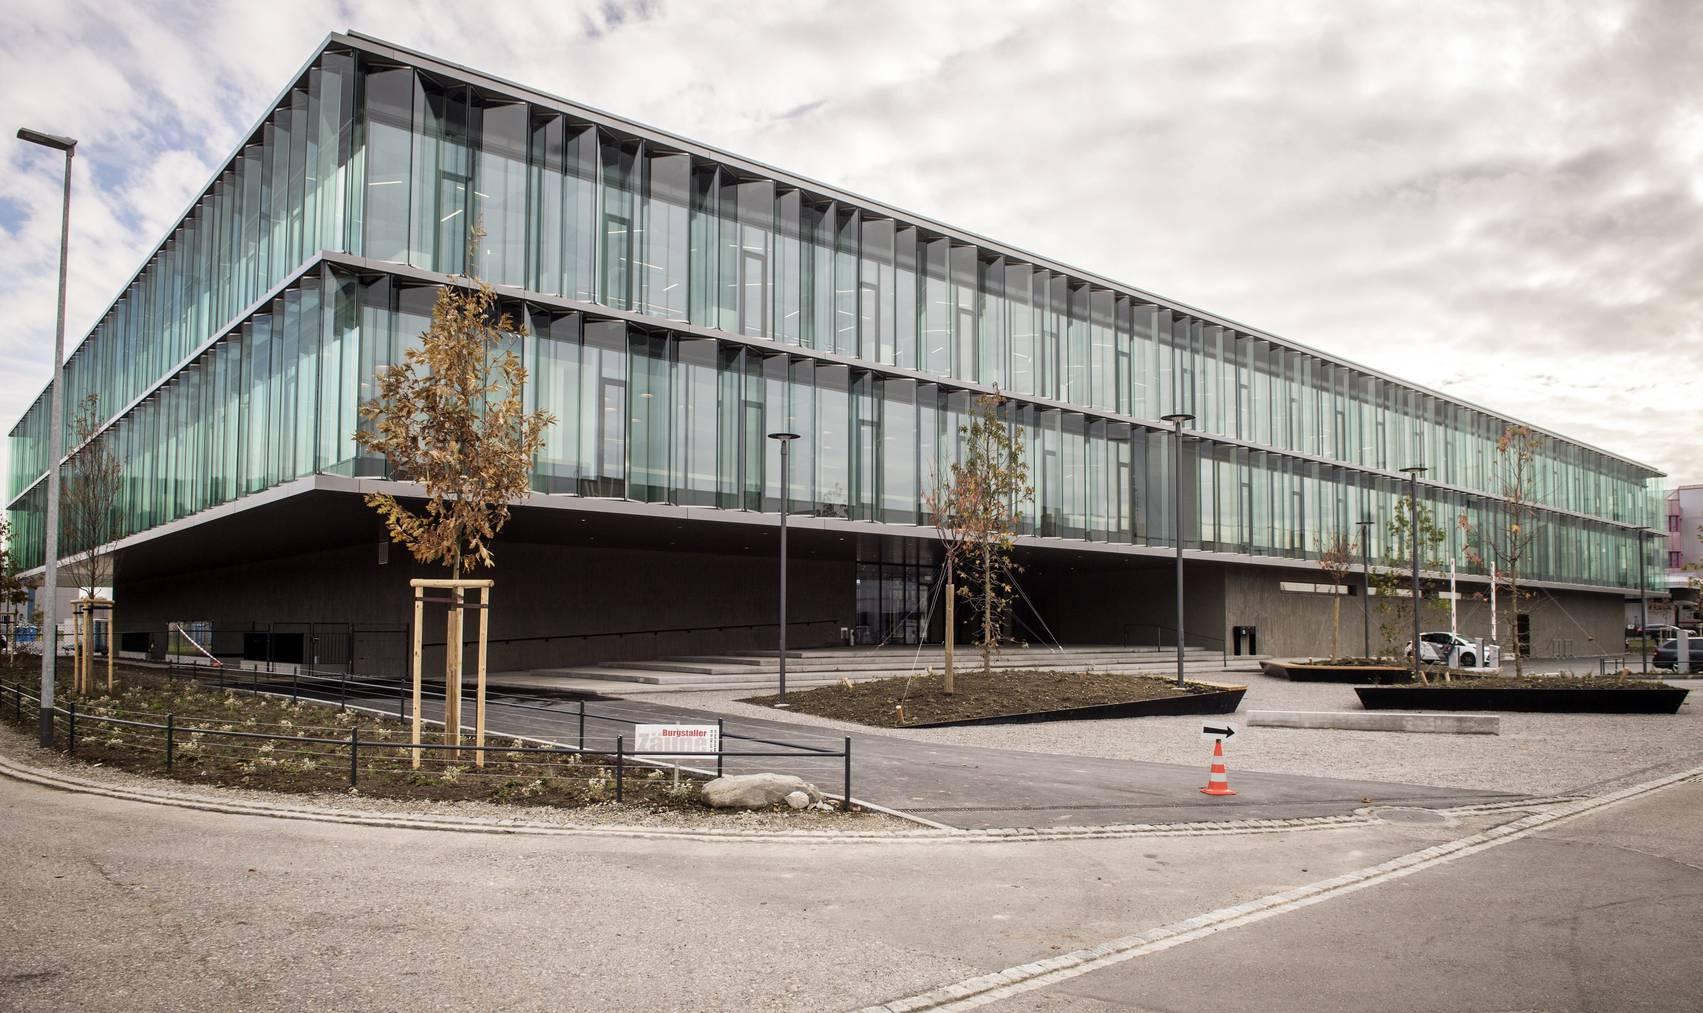 Der Hauptsitz von Lidl Schweiz wurde im letzten November in Weinfelden (TG) eröffnet. (Bild: Tagblatt/Reto Martin)